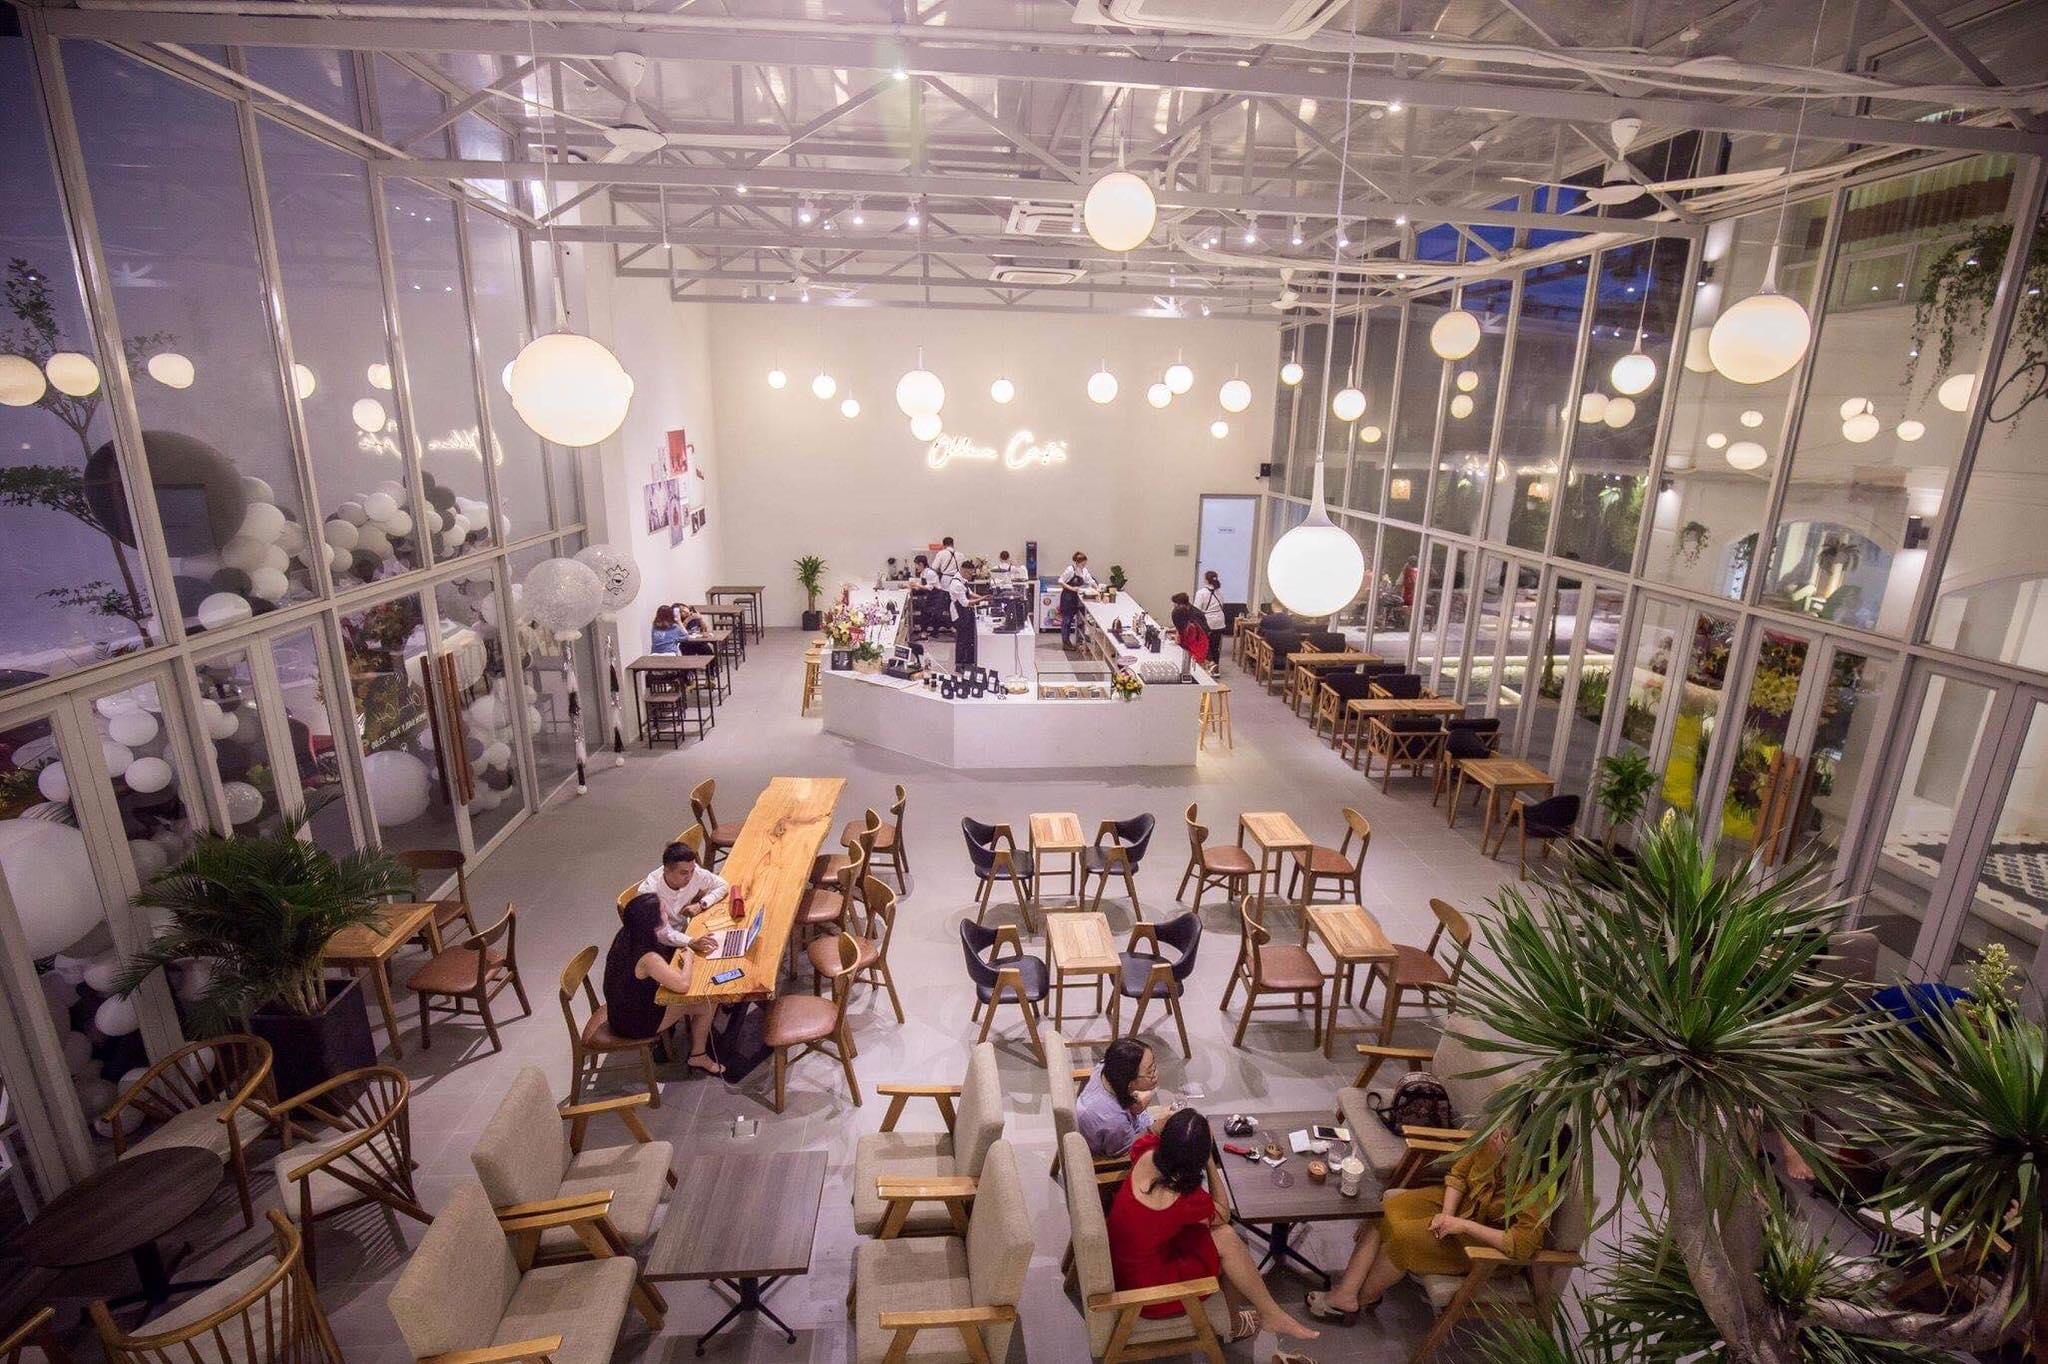 Ollin Cafe